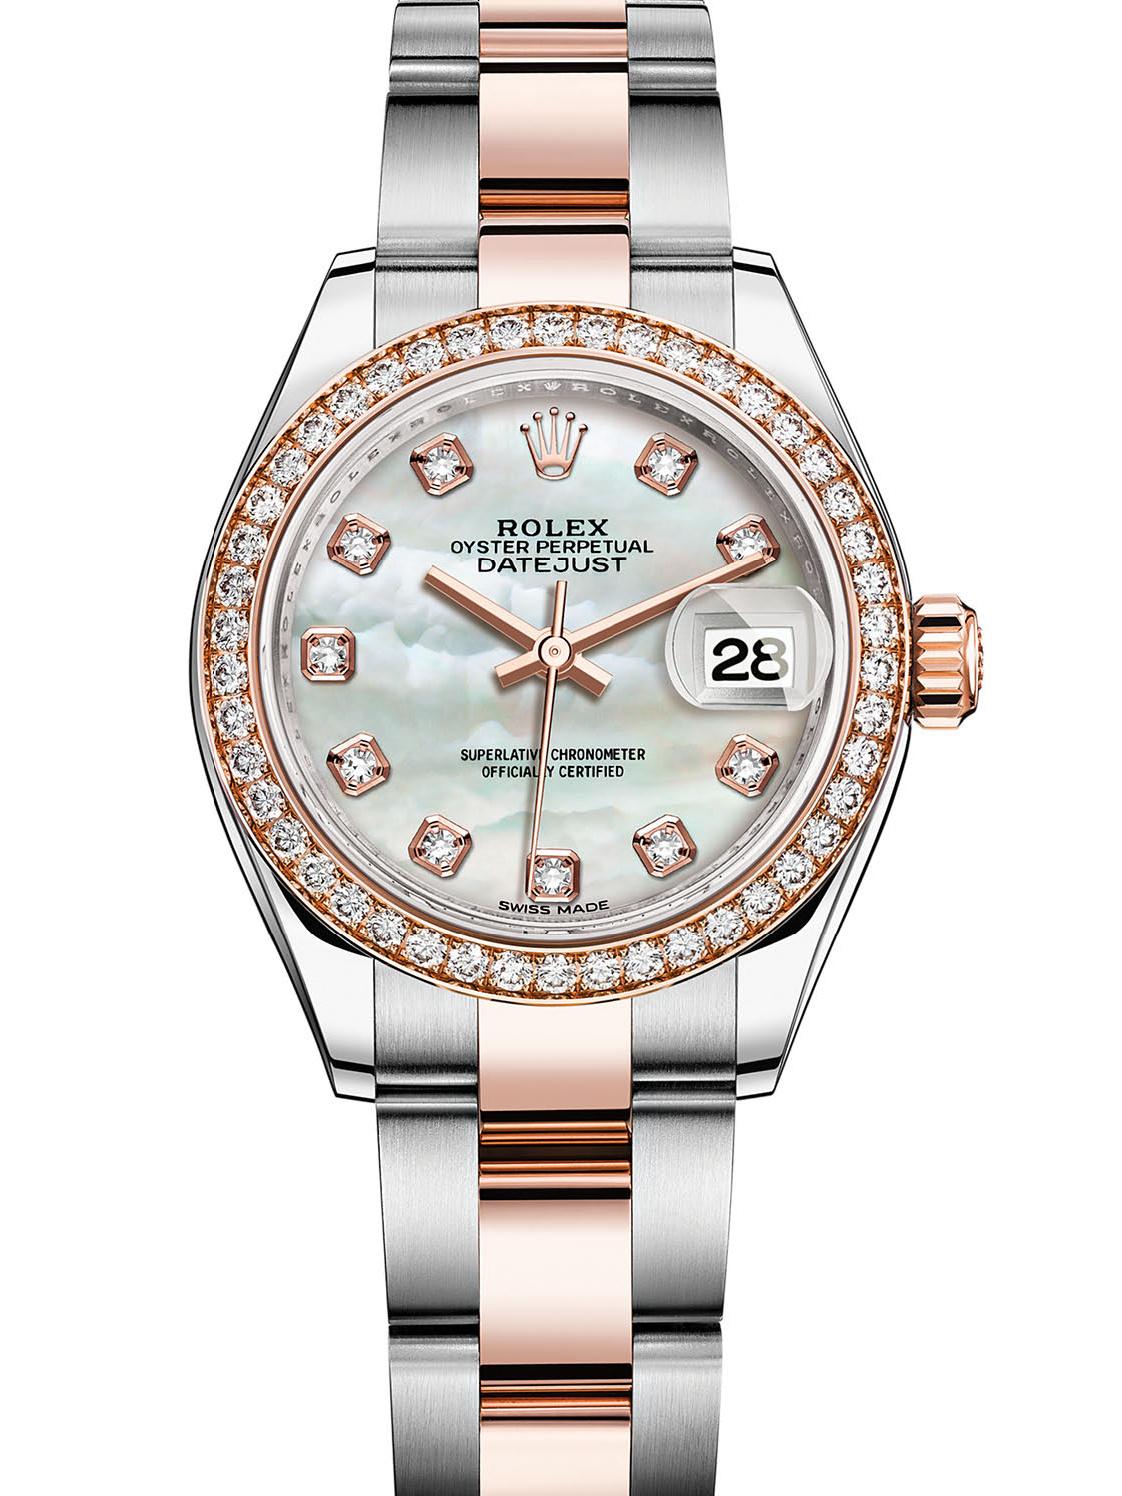 劳力士女装日志型28玫瑰金钢钻圈白贝母面钻标女表279381RBR-0014